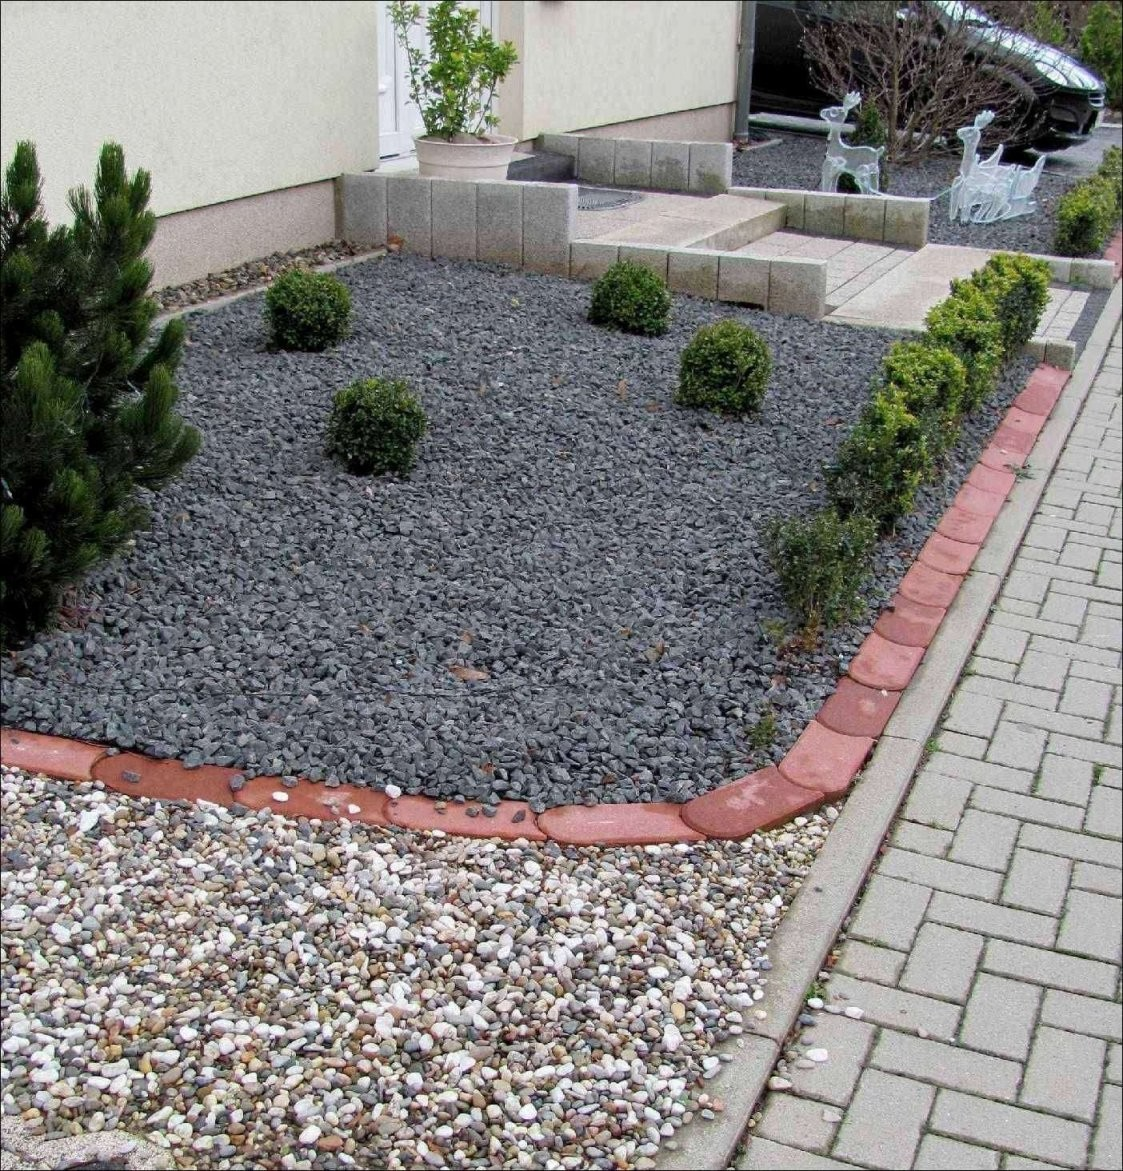 Vorgarten Gestalten Mit Kies Vorstellung Vorgarten Mit Steinen von Beet Mit Kies Gestalten Photo